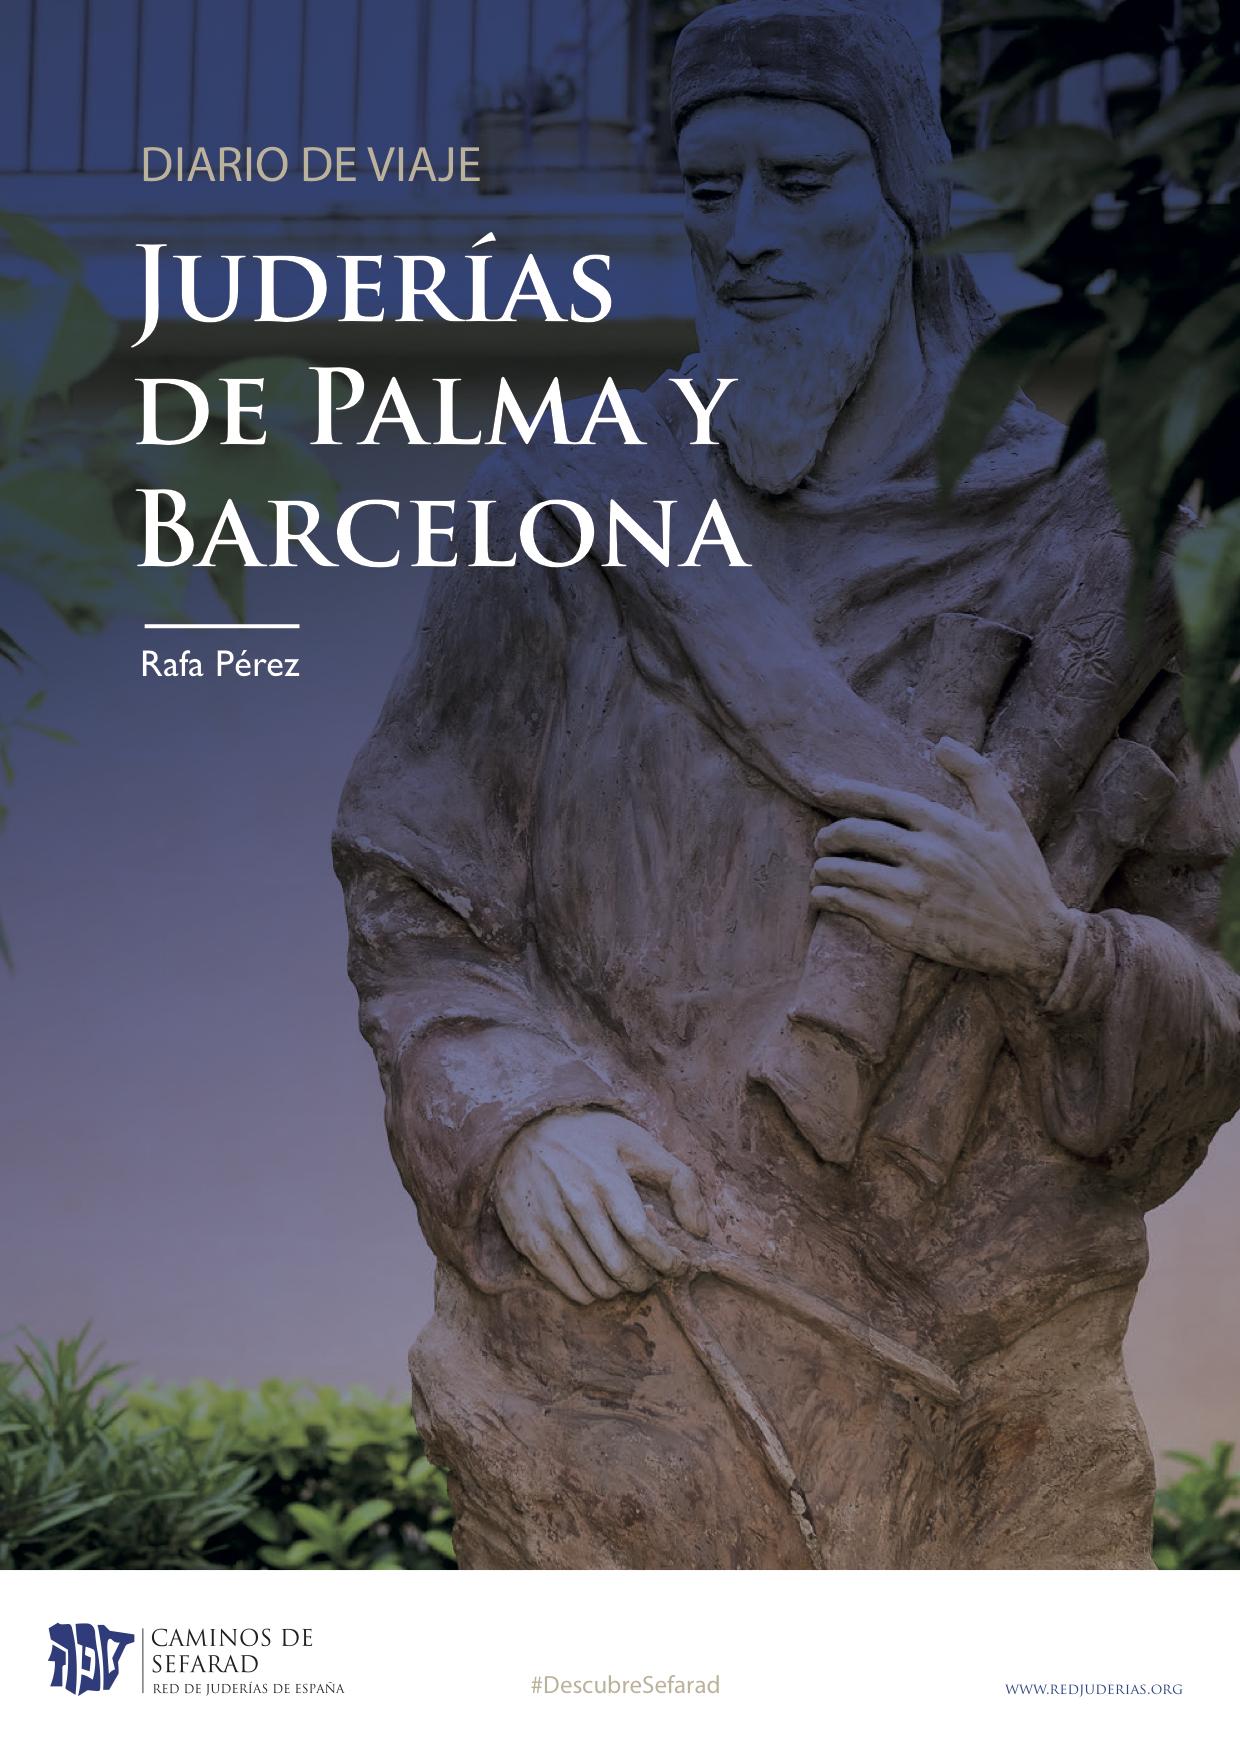 DIARIO DE VIAJE-LAS JUDERIAS DE PALMA Y BARCELONA-DESCUBRE SEFARAD-RAFA PEREZ